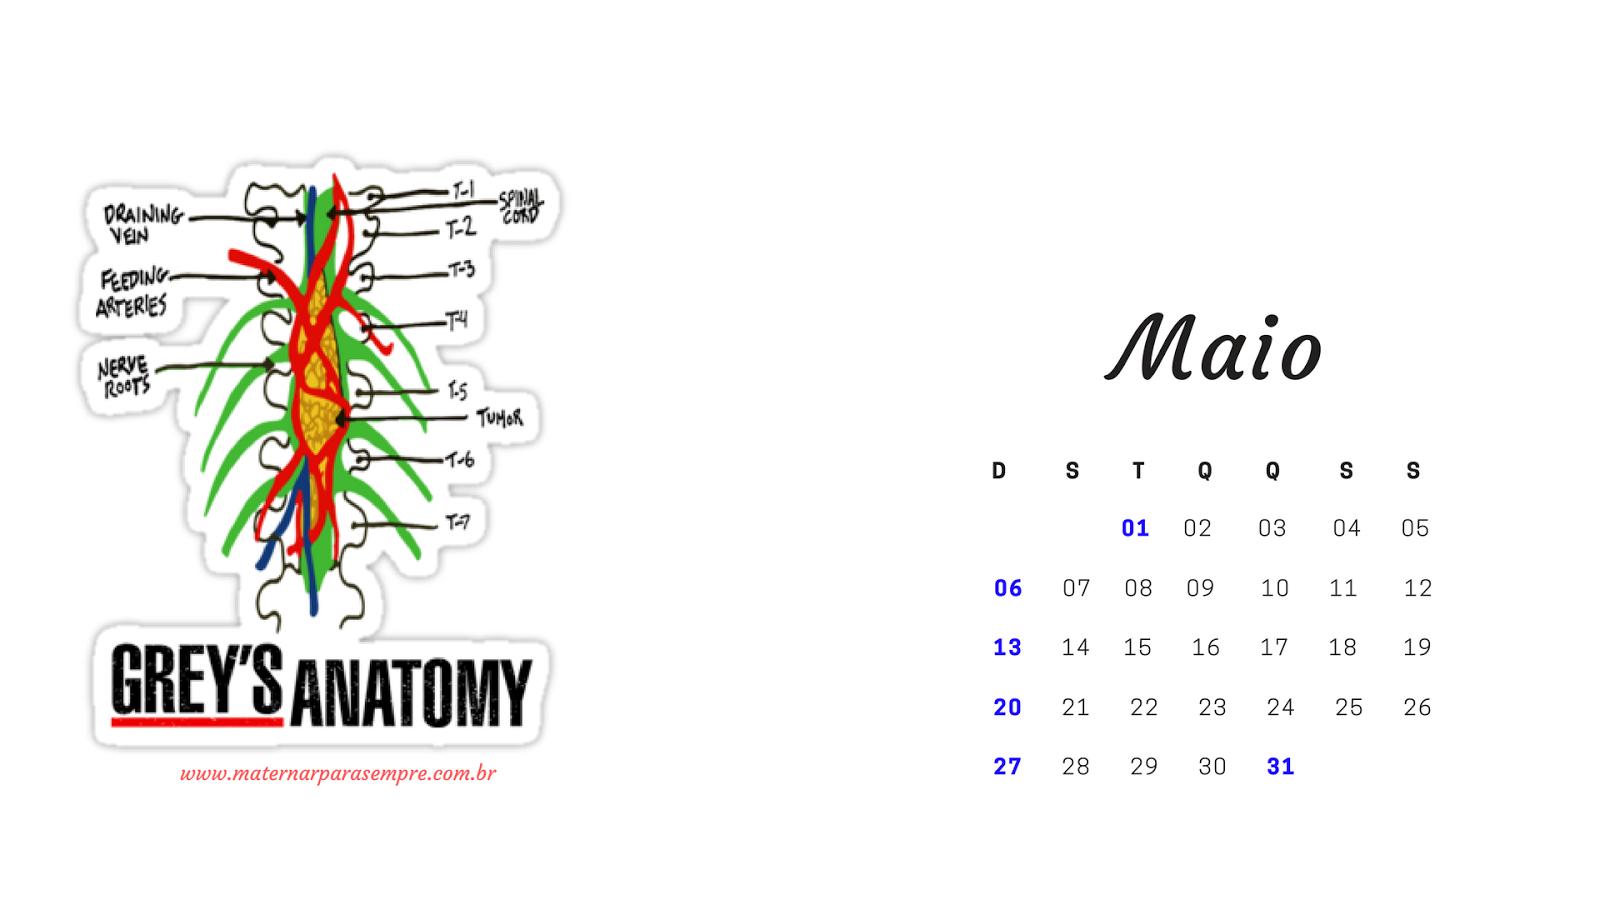 e para facilitar criei um link com um pasta com todos os calendrios ms a ms e s fazer o download